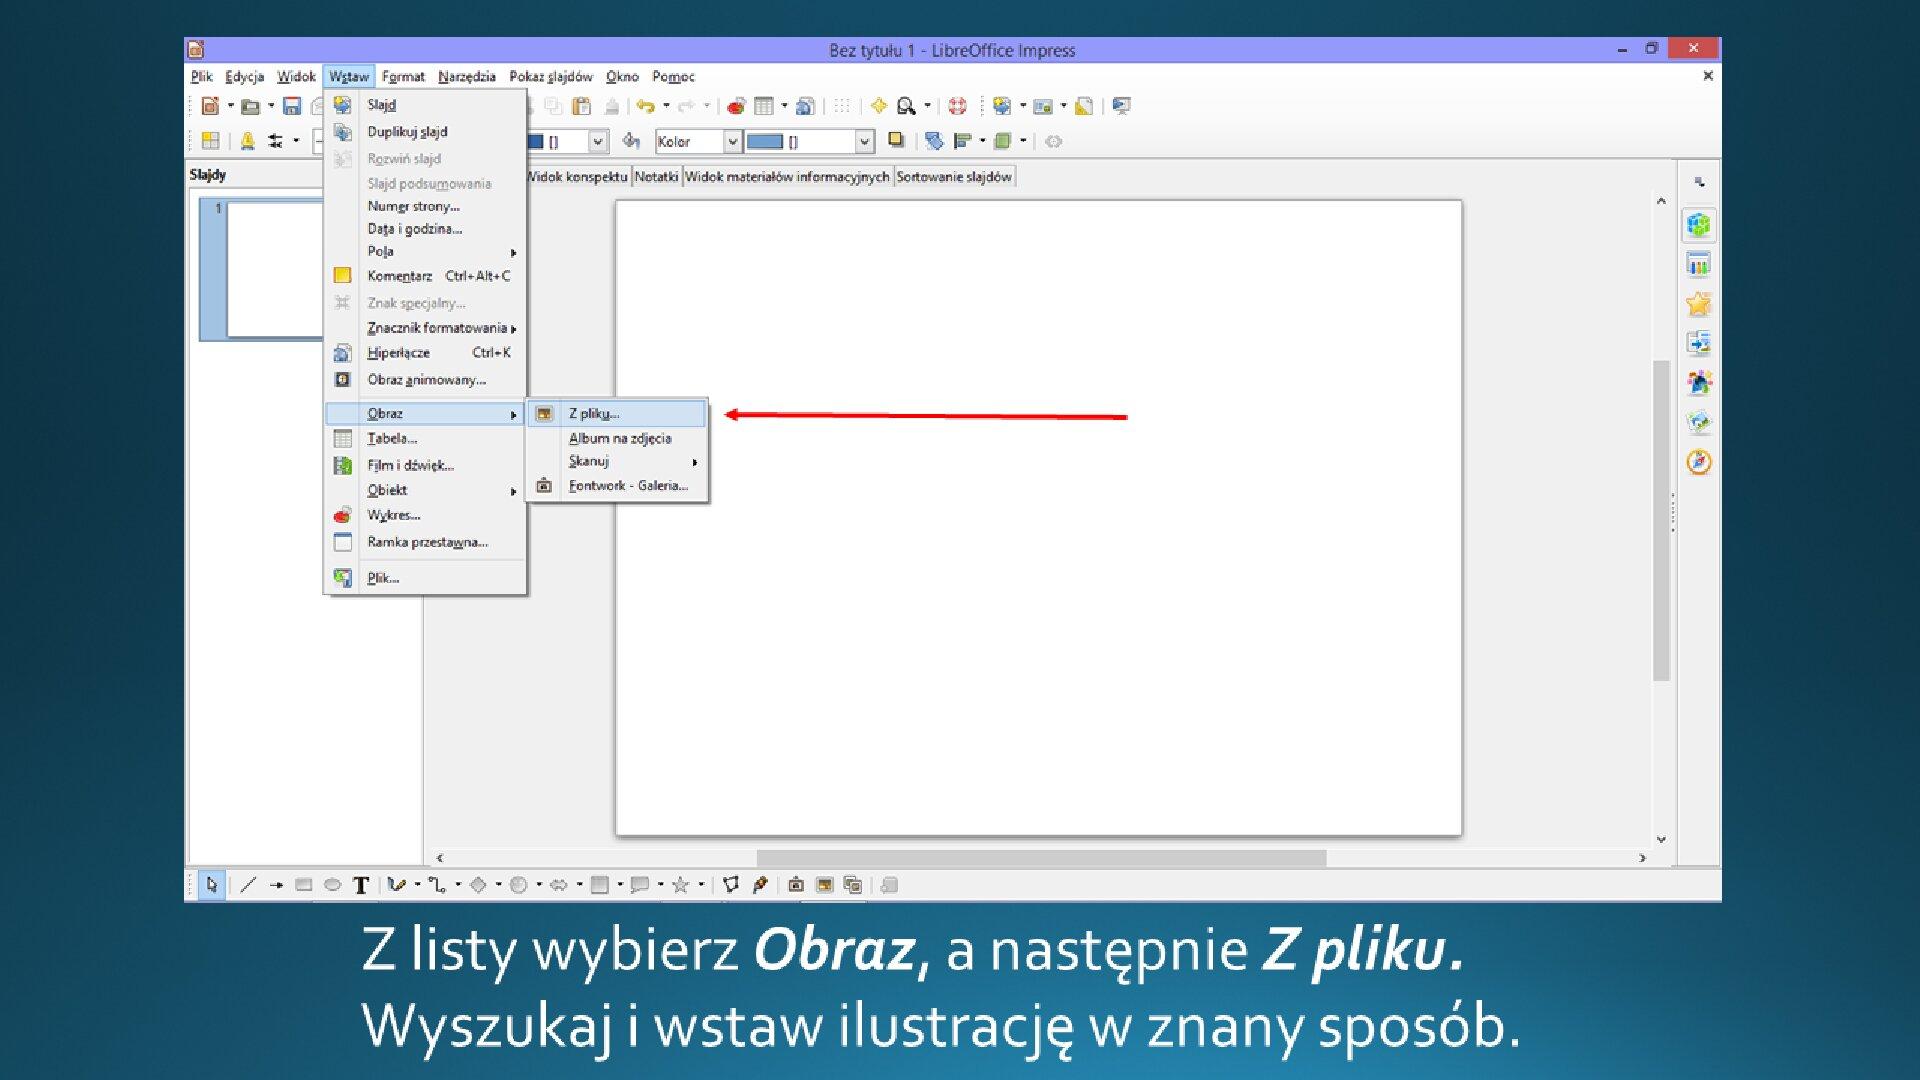 Slajd 2 galerii zrzutów slajdów: Wstawianie grafiki na slajd opustym układzie wprogramie LibreOffice Impress